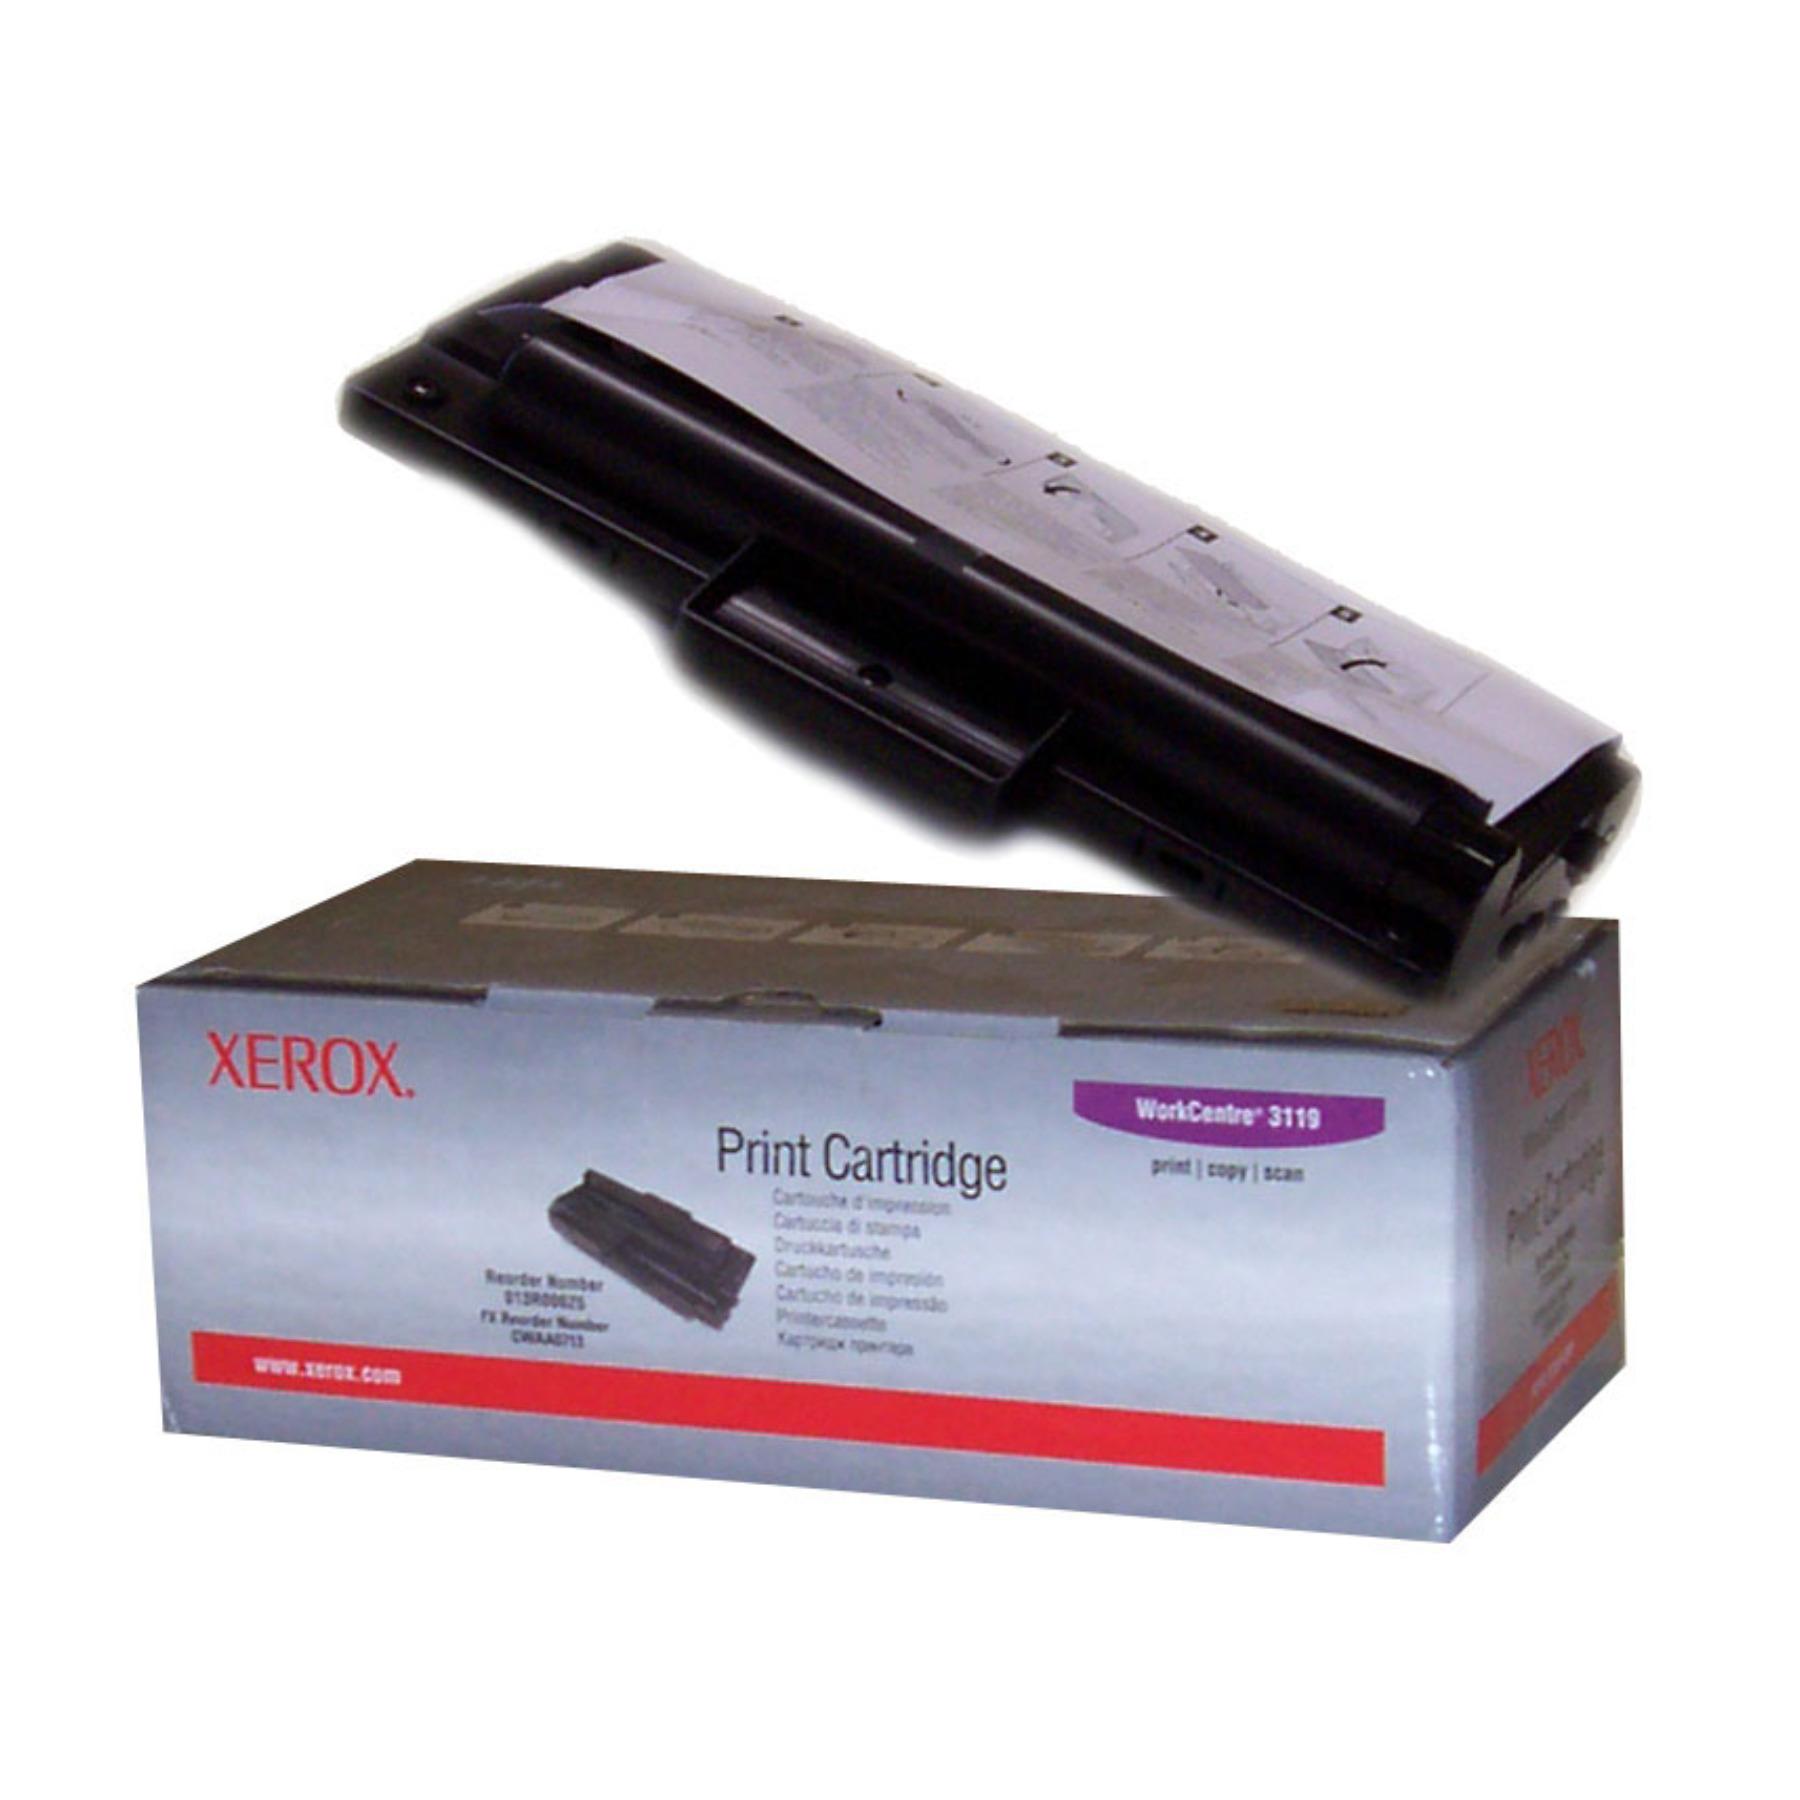 Заправка картриджа 013R00625 для Xerox WorkCentre 3119